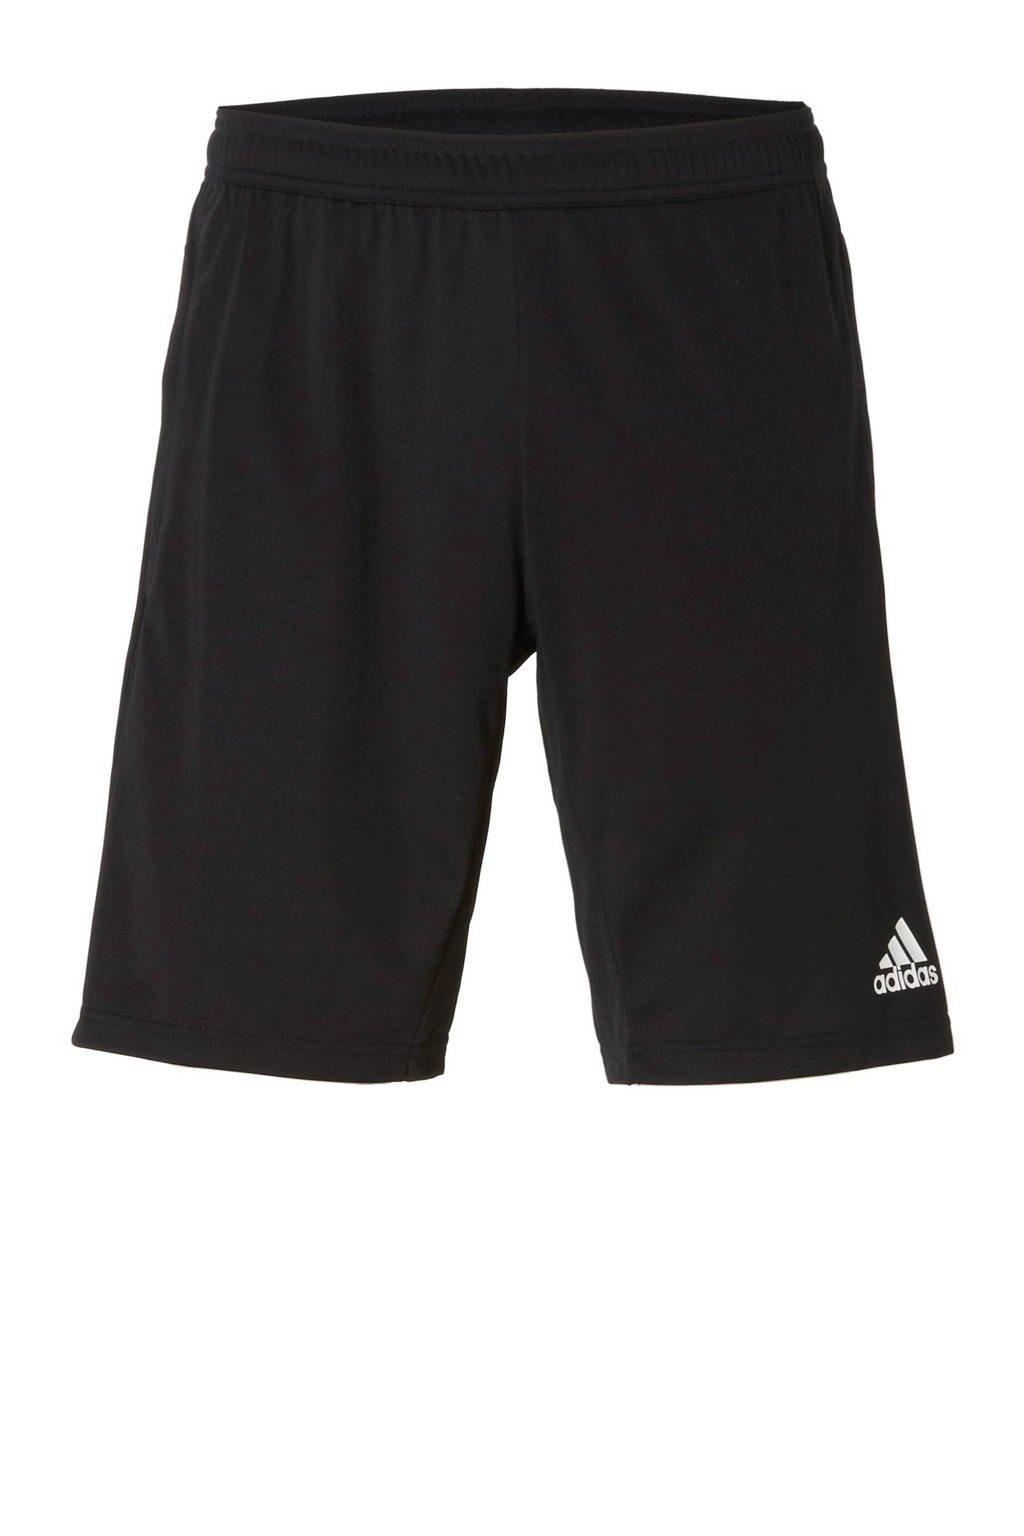 adidas Performance   sportshort Con18 zwart, Zwart